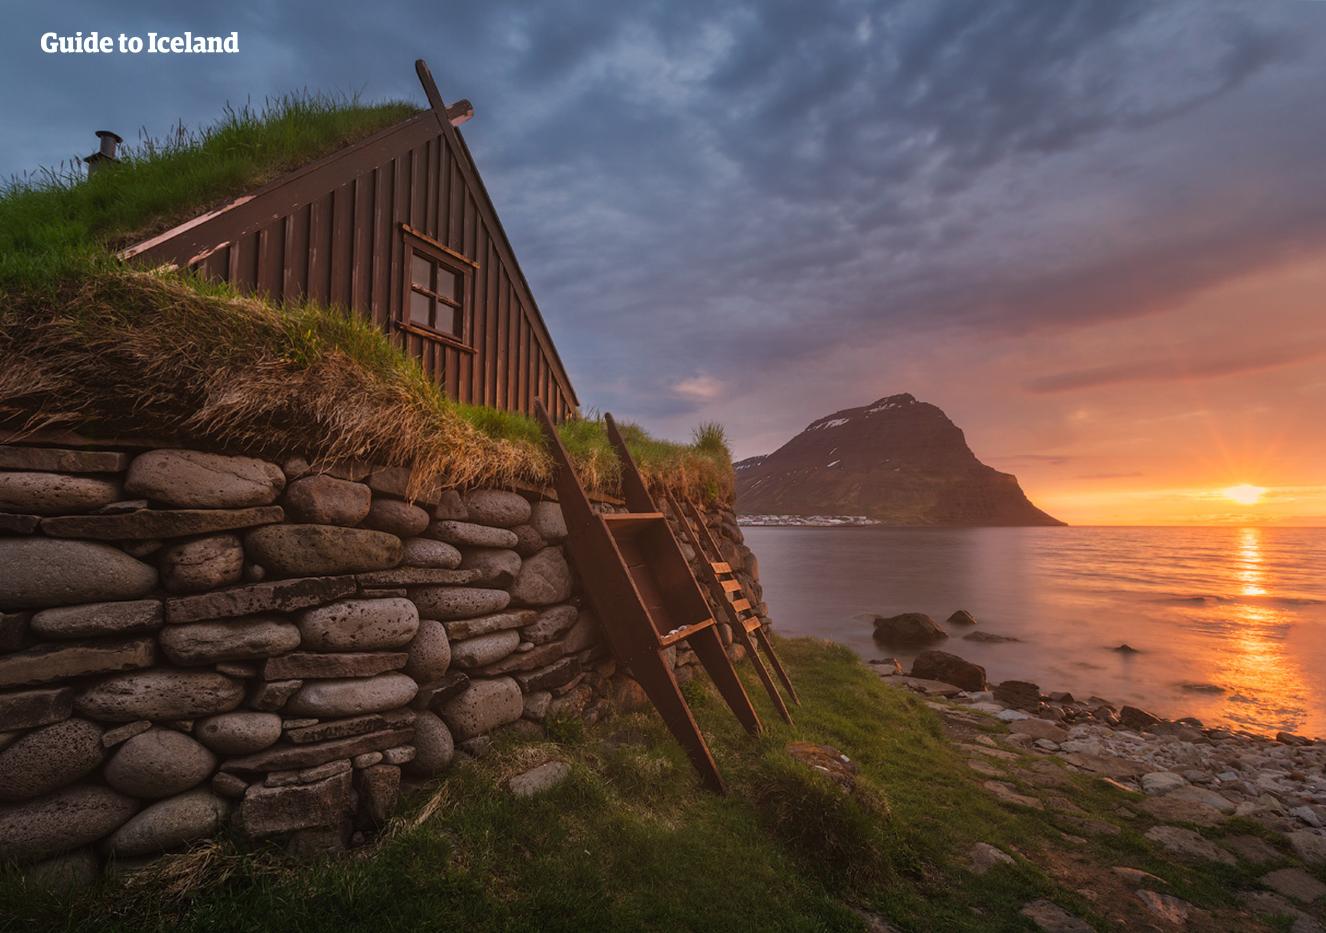 冰岛西峡湾地区Bolungarvík小镇的传统草顶房。